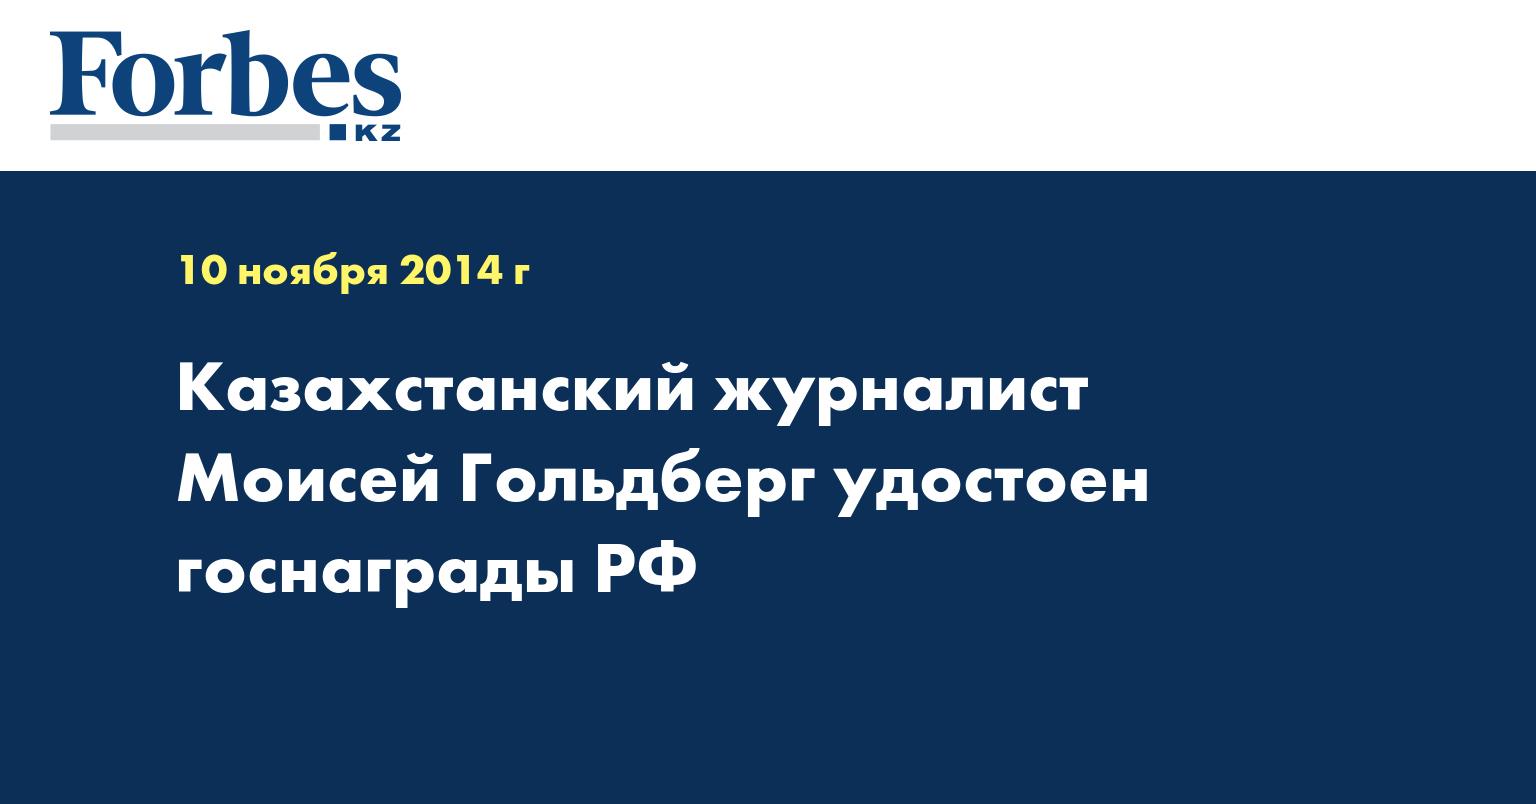 Казахстанский журналист Моисей Гольдберг удостоен госнаграды РФ